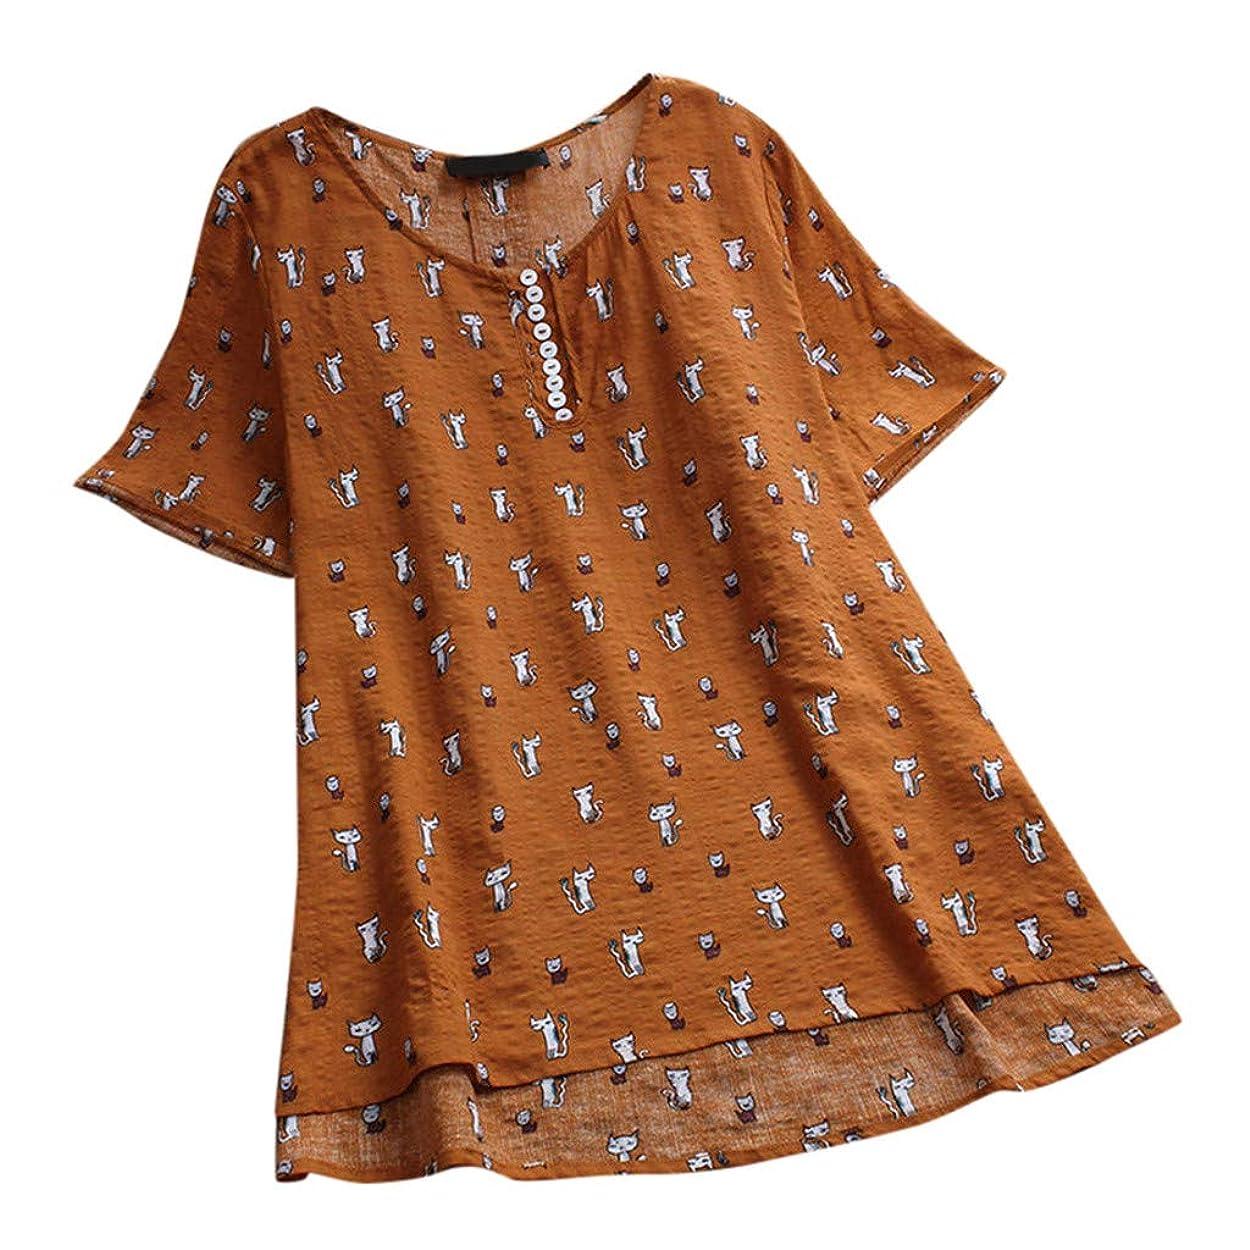 スペクトラムドラマ構想するレディース tシャツ プラスサイズ 半袖 丸首 猫プリント ボタン ビンテージ チュニック トップス 短いドレス ブラウス 人気 夏服 快適な 軽い 柔らかい かっこいい ワイシャツ カジュアル シンプル オシャレ 春夏秋 対応